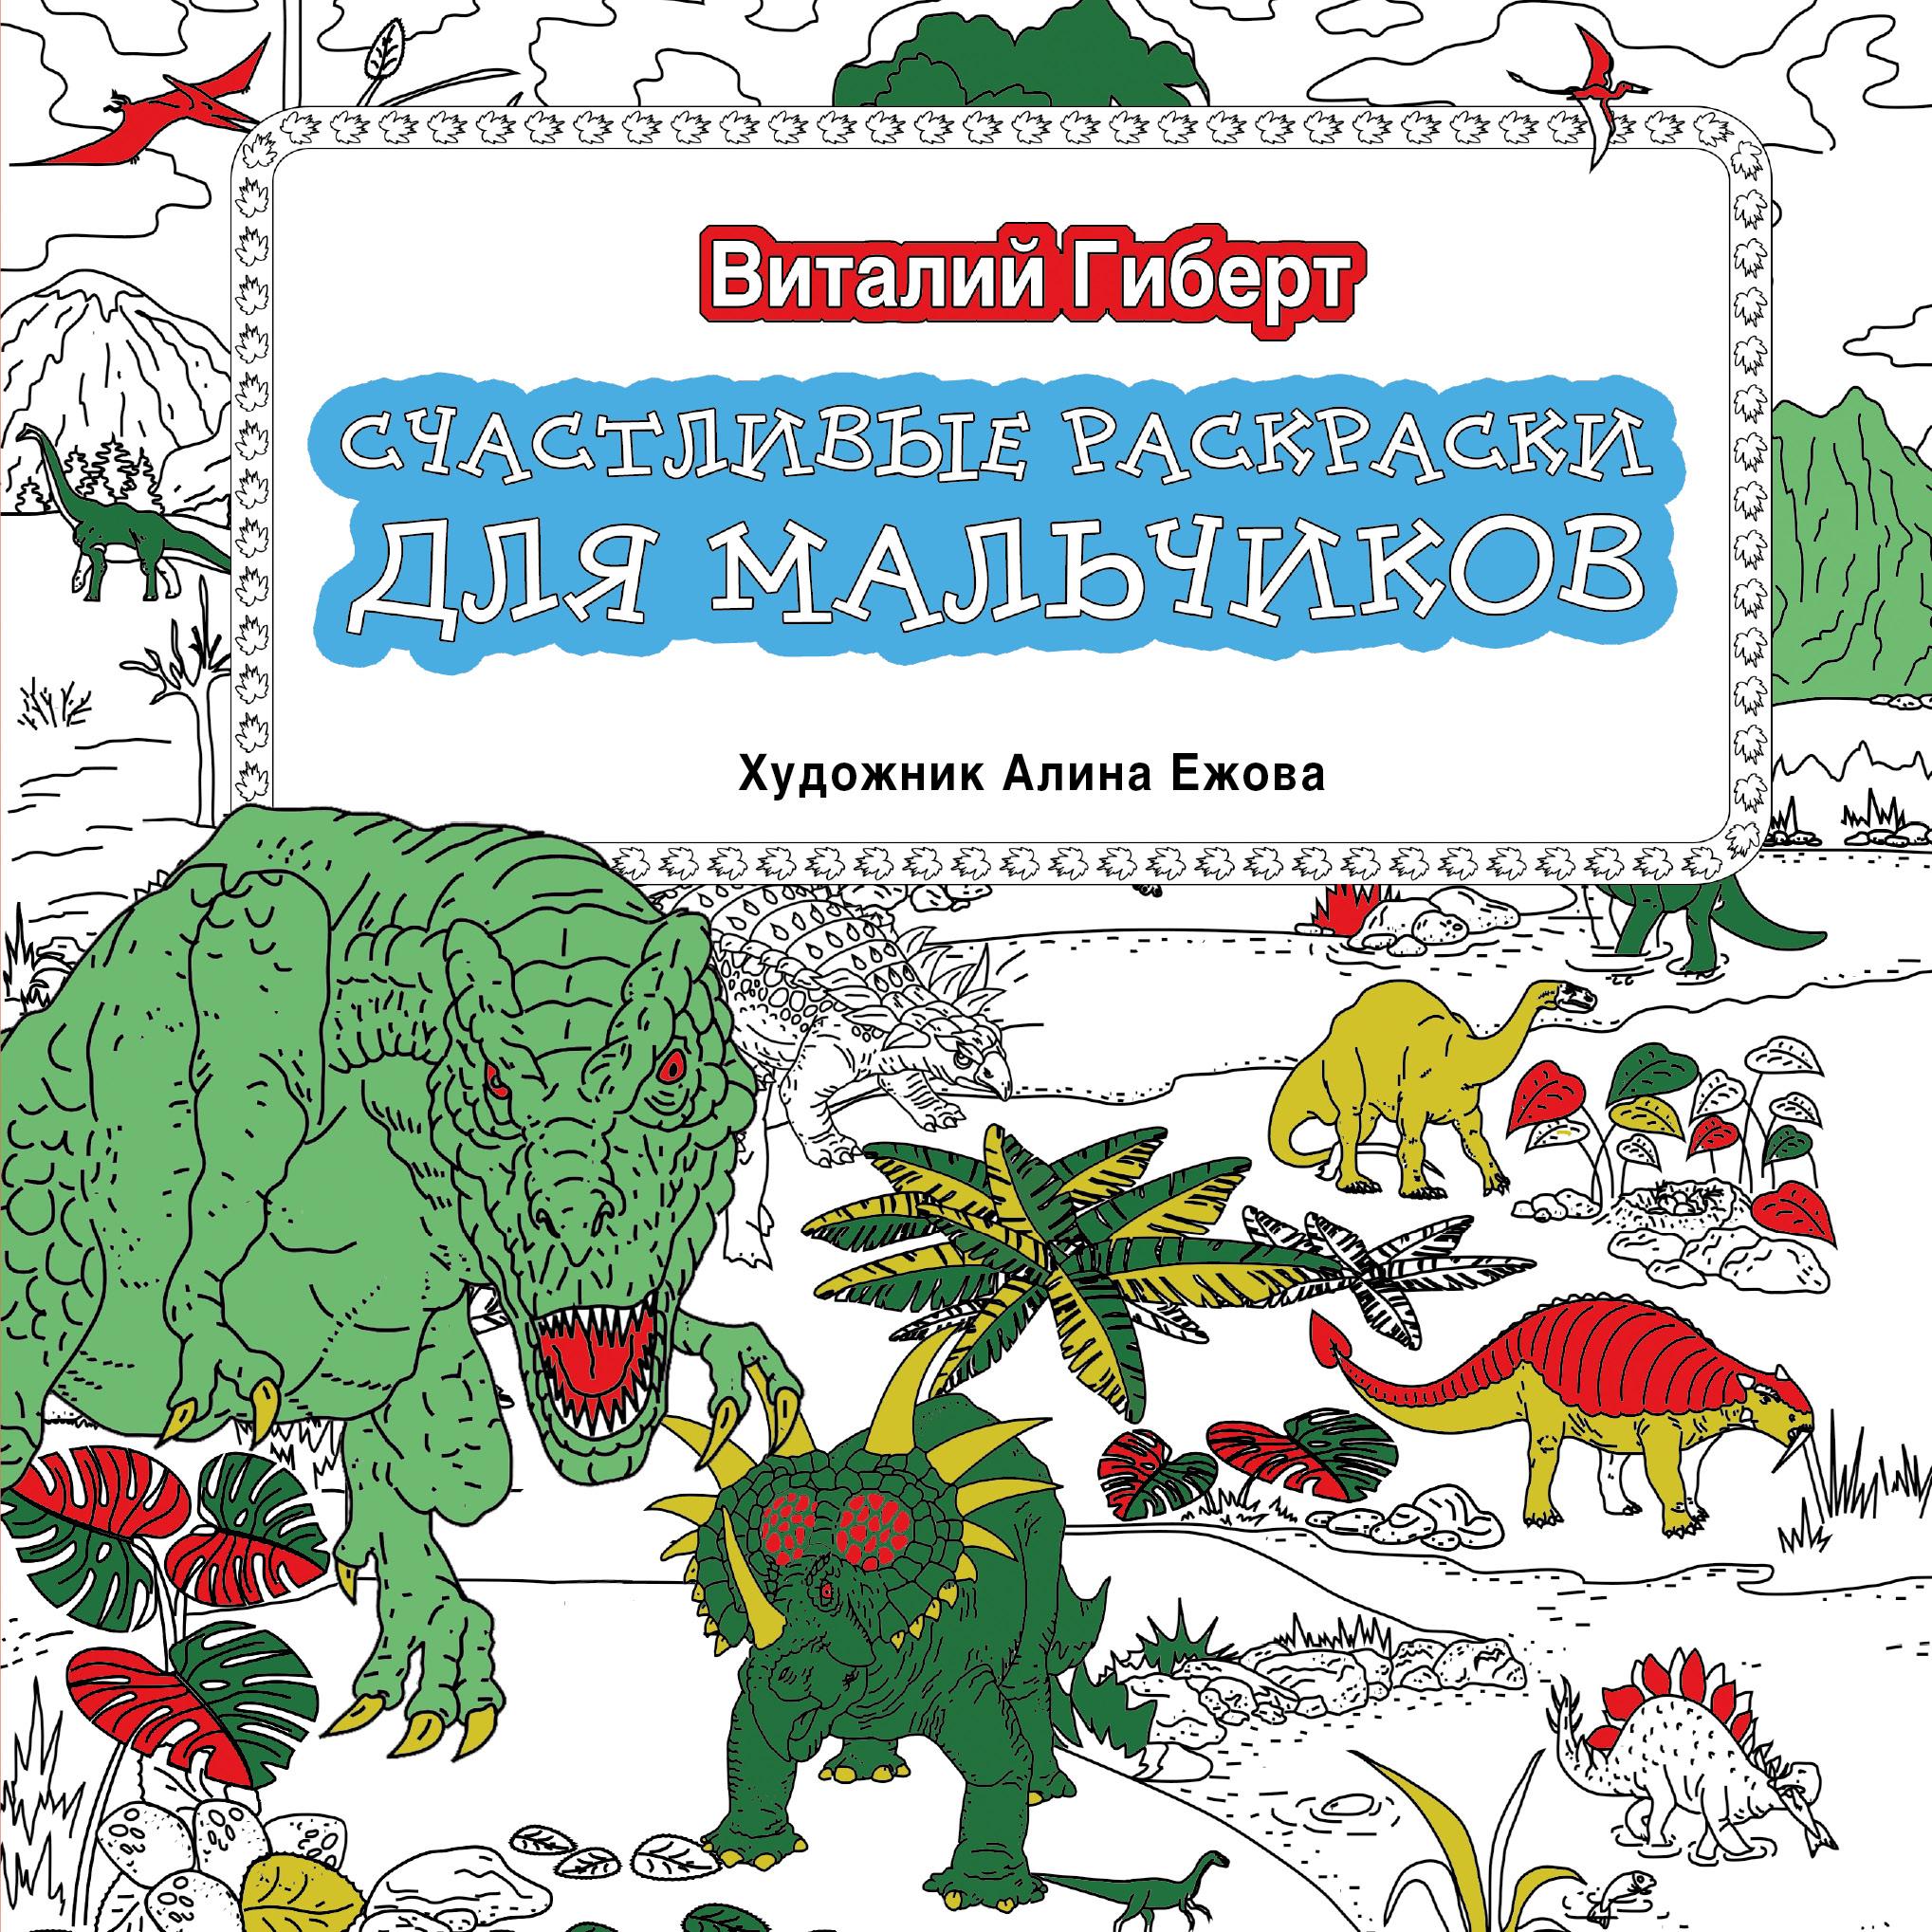 Книга «Счастливые раскраски для мальчиков» Гиберт Виталий ...